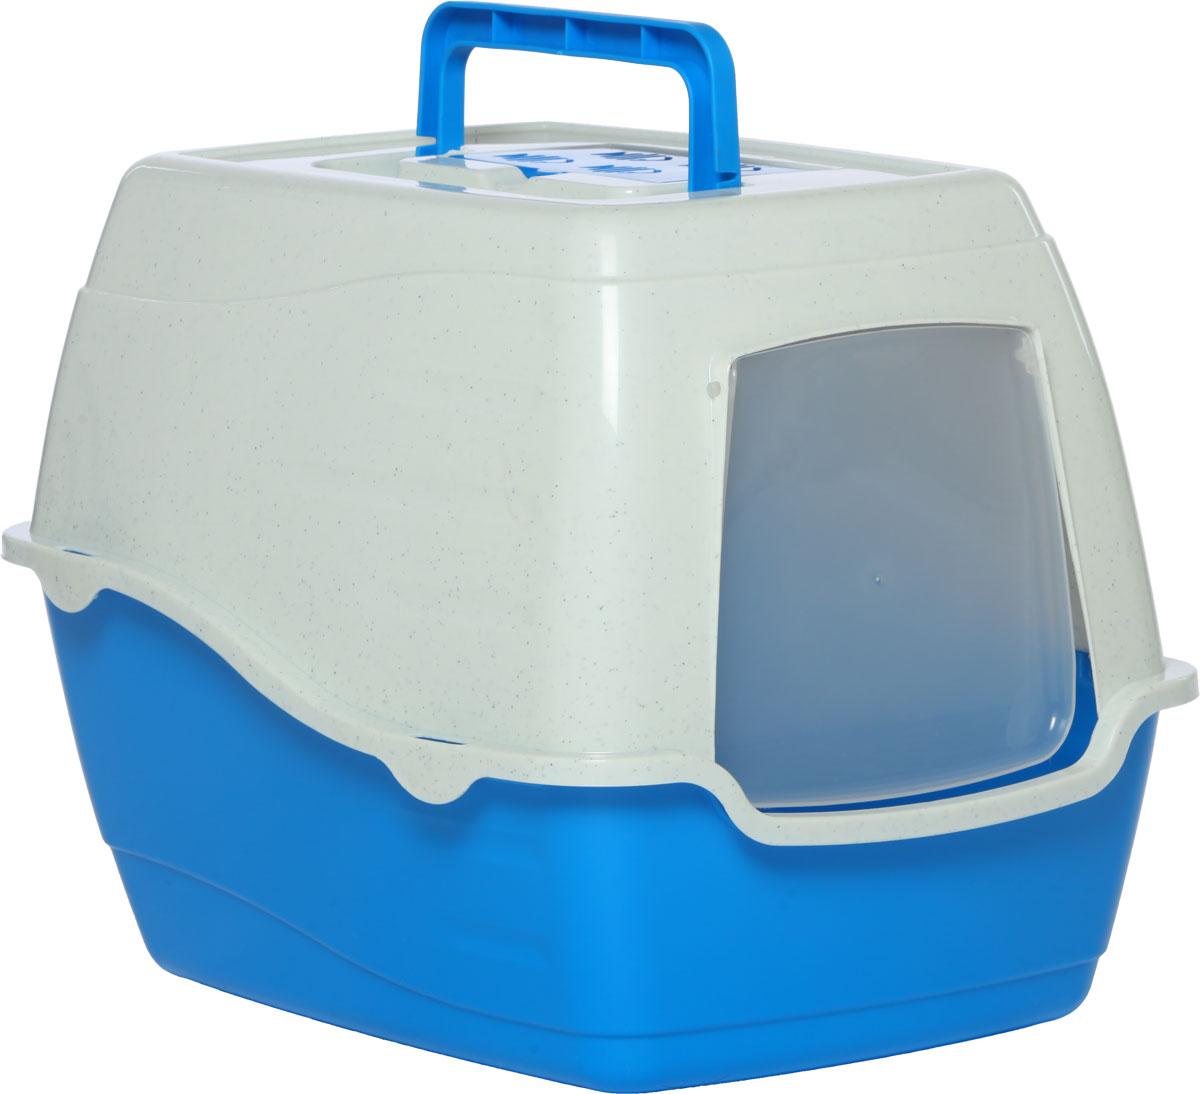 Туалет-лоток для кошек, цвет: синий, молочный, 50 x 40 x 39 см. CAT-L20 Blue